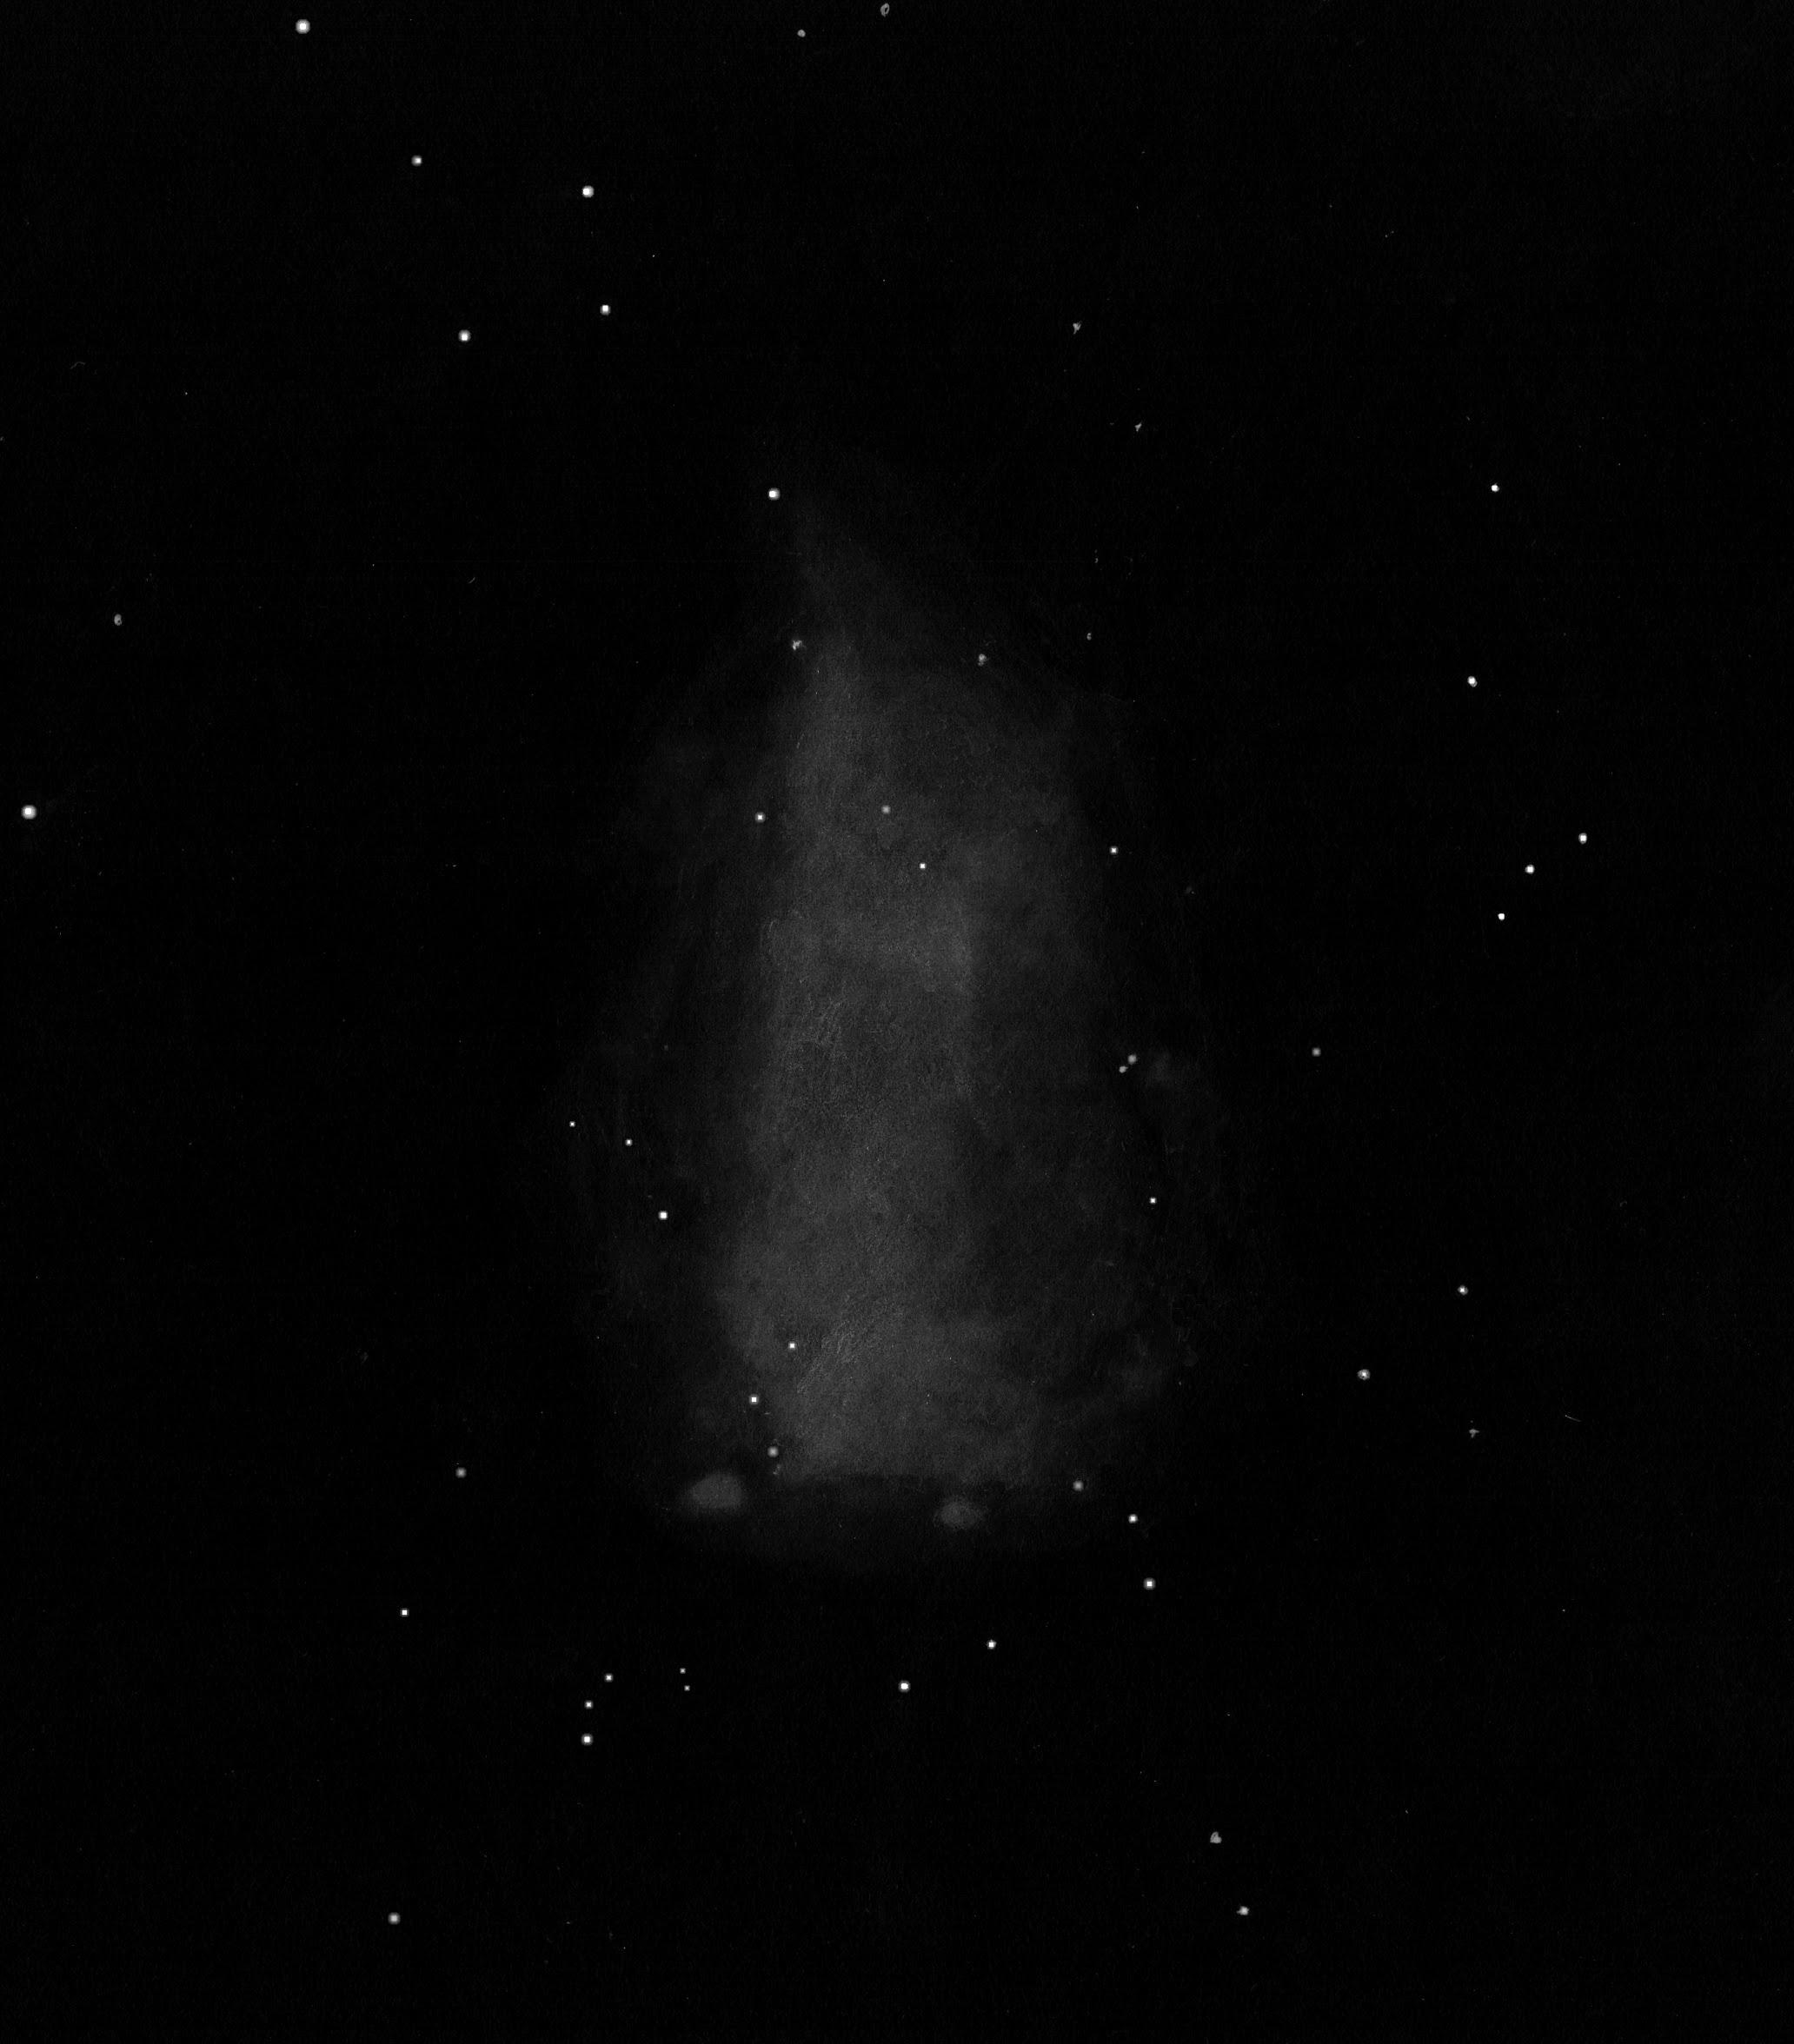 Photo: NGC 6822, la «galaxie de Barnard» dans le Sagittaire. 88X et 220X. T406, Restefond 2017. Galaxie naine qui prend la forme d'une traînée lumineuse verticale bien diaphane. Cet ectoplasme à première vue insignifiant finit par montrer quelques renforcements lumineux. Les deux zones HII en bas sont bien vues.